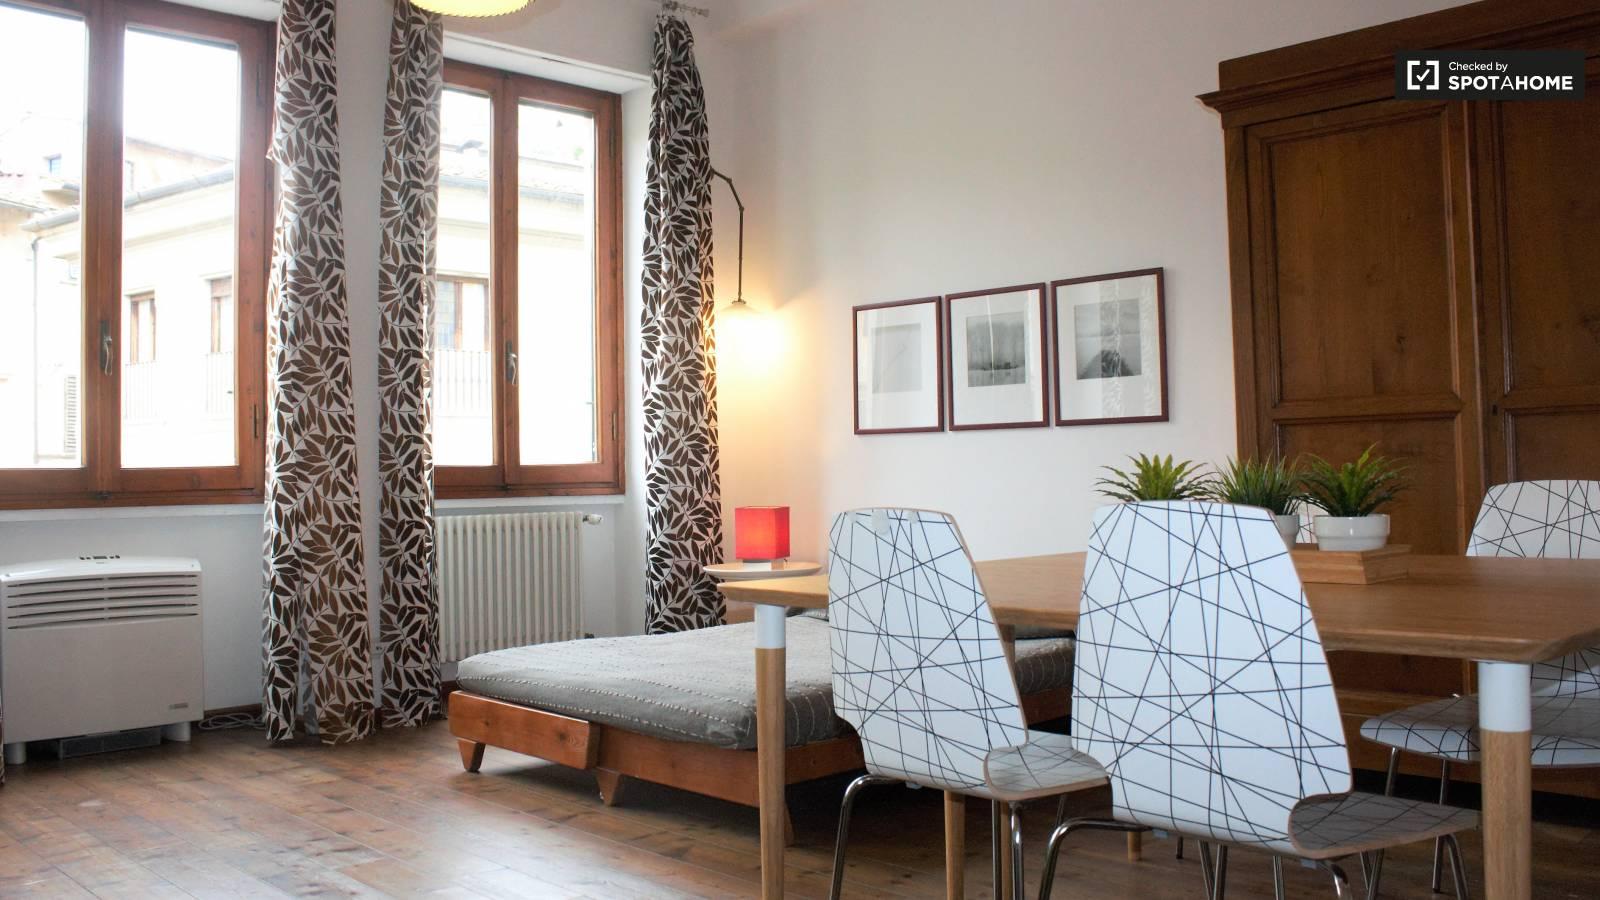 Bedroom - Open space